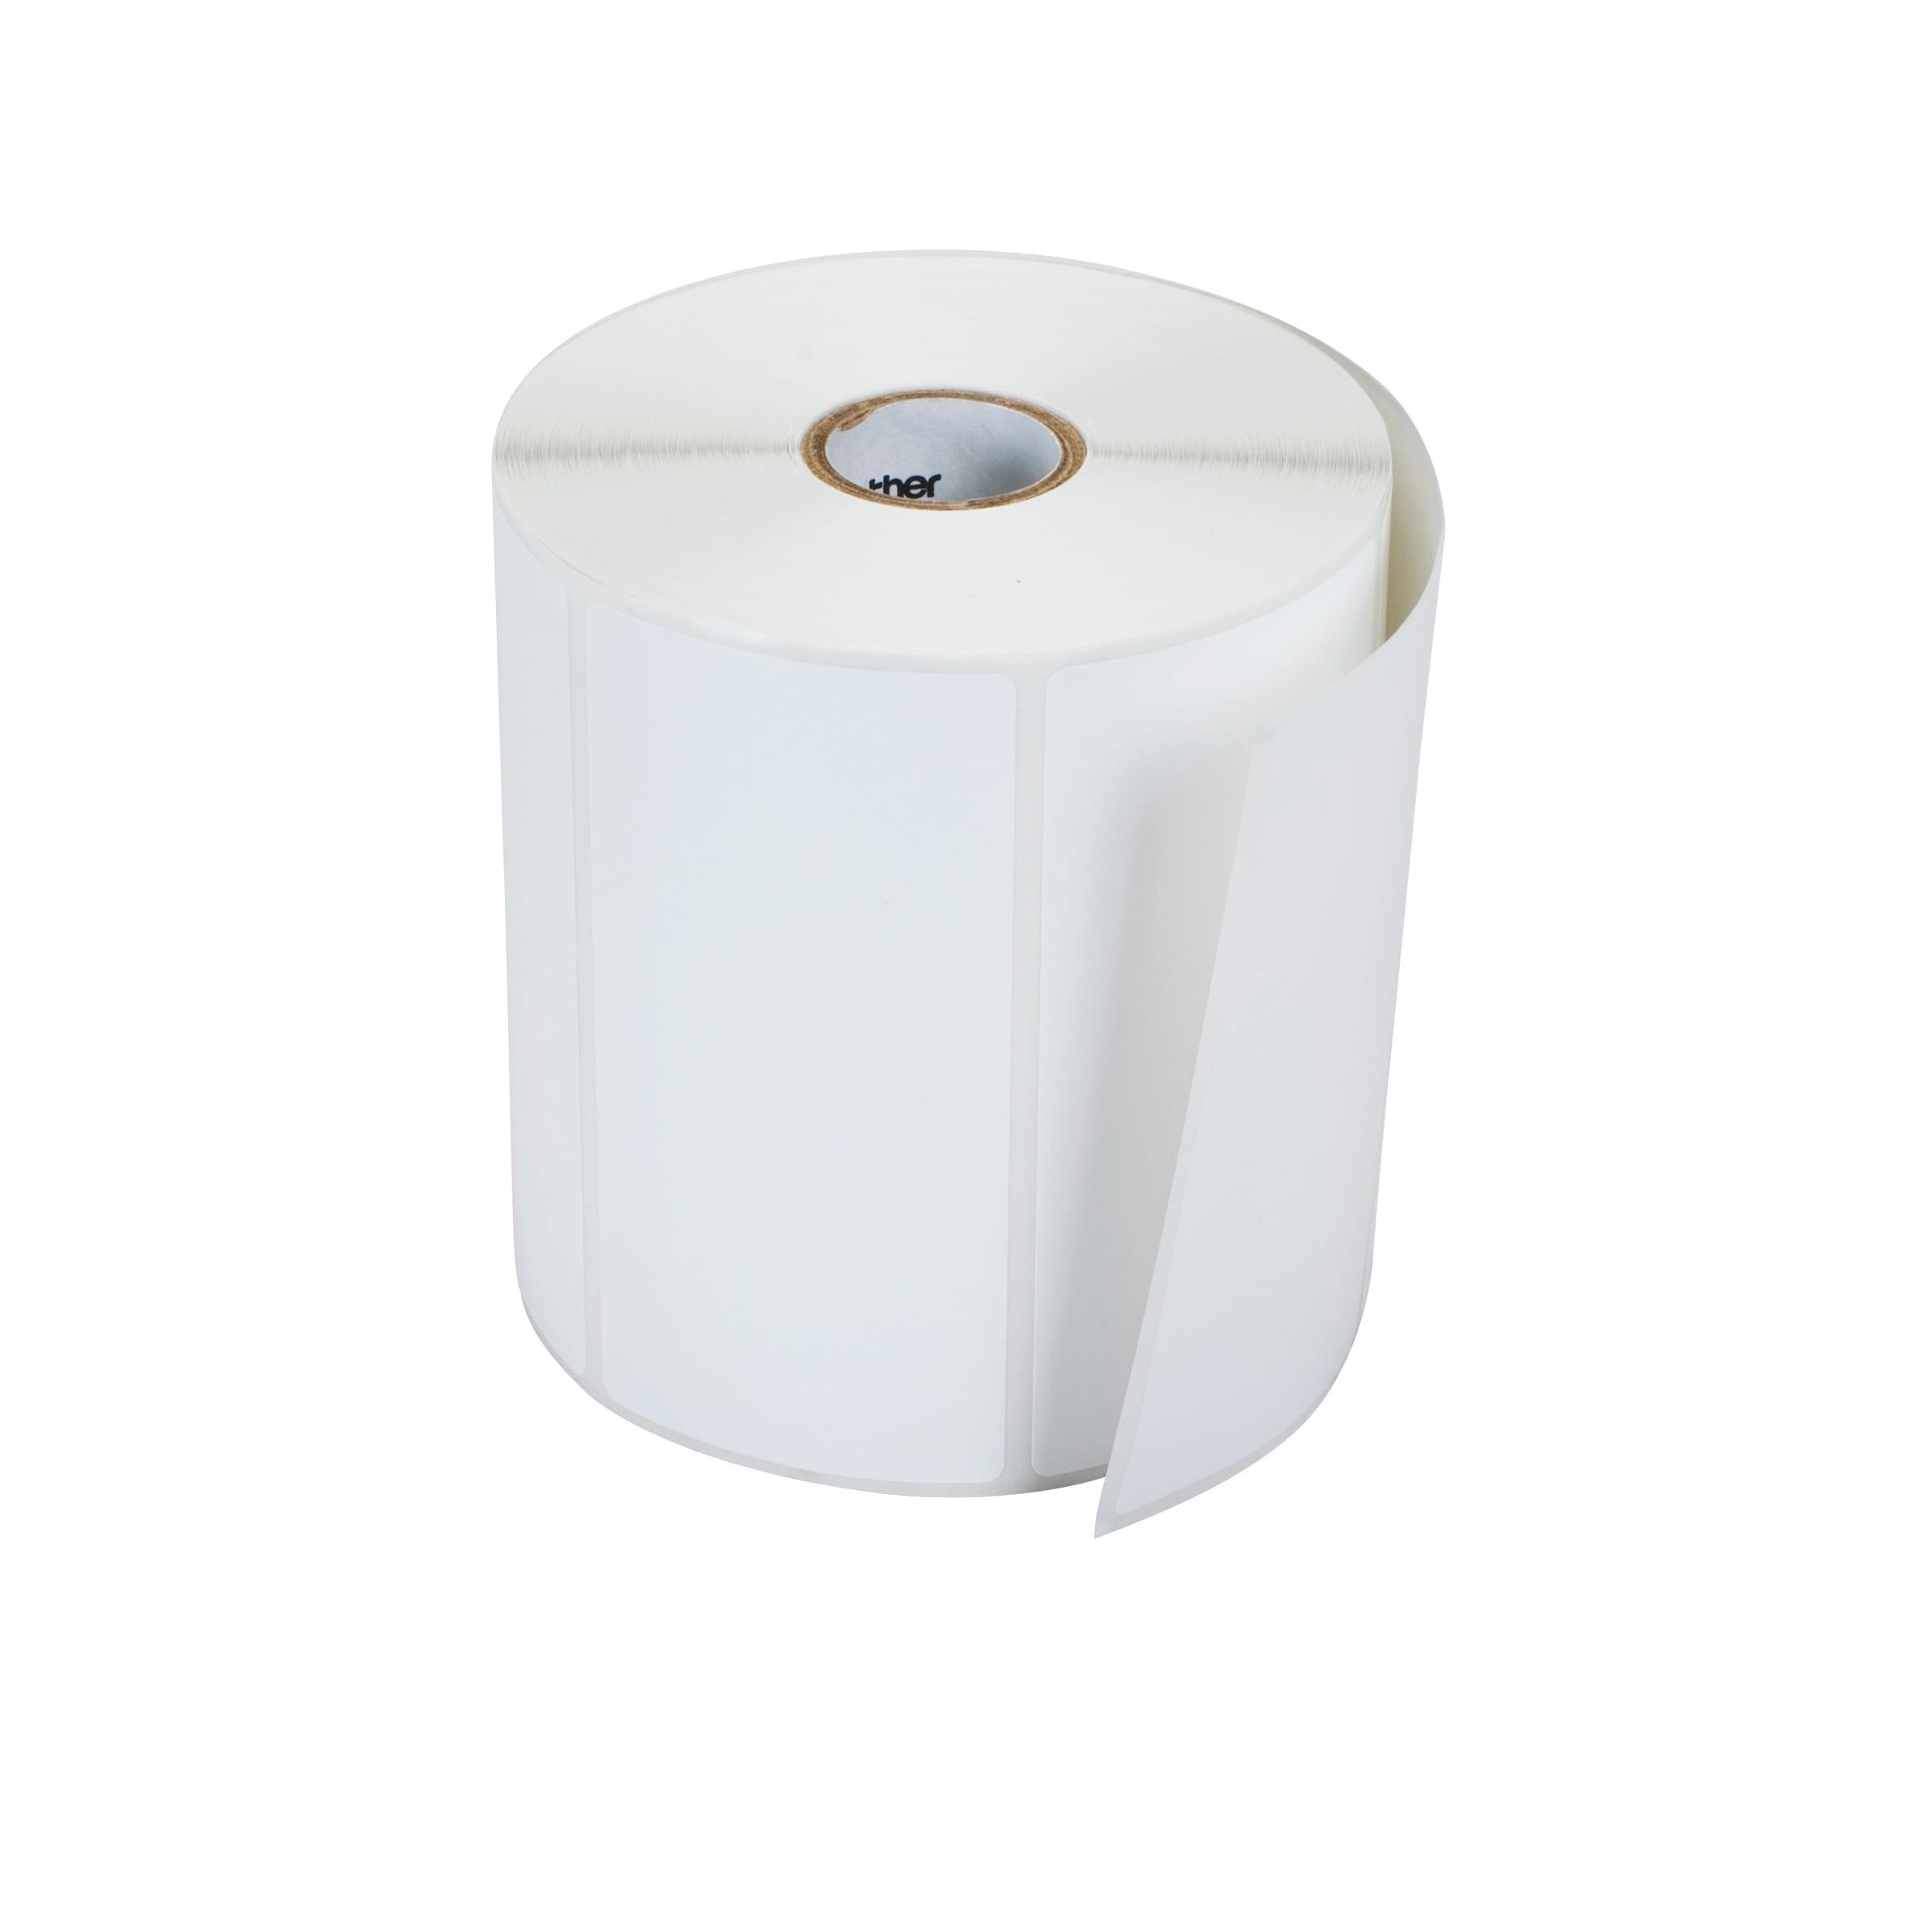 RD-SO3U1-4x2 - label roll